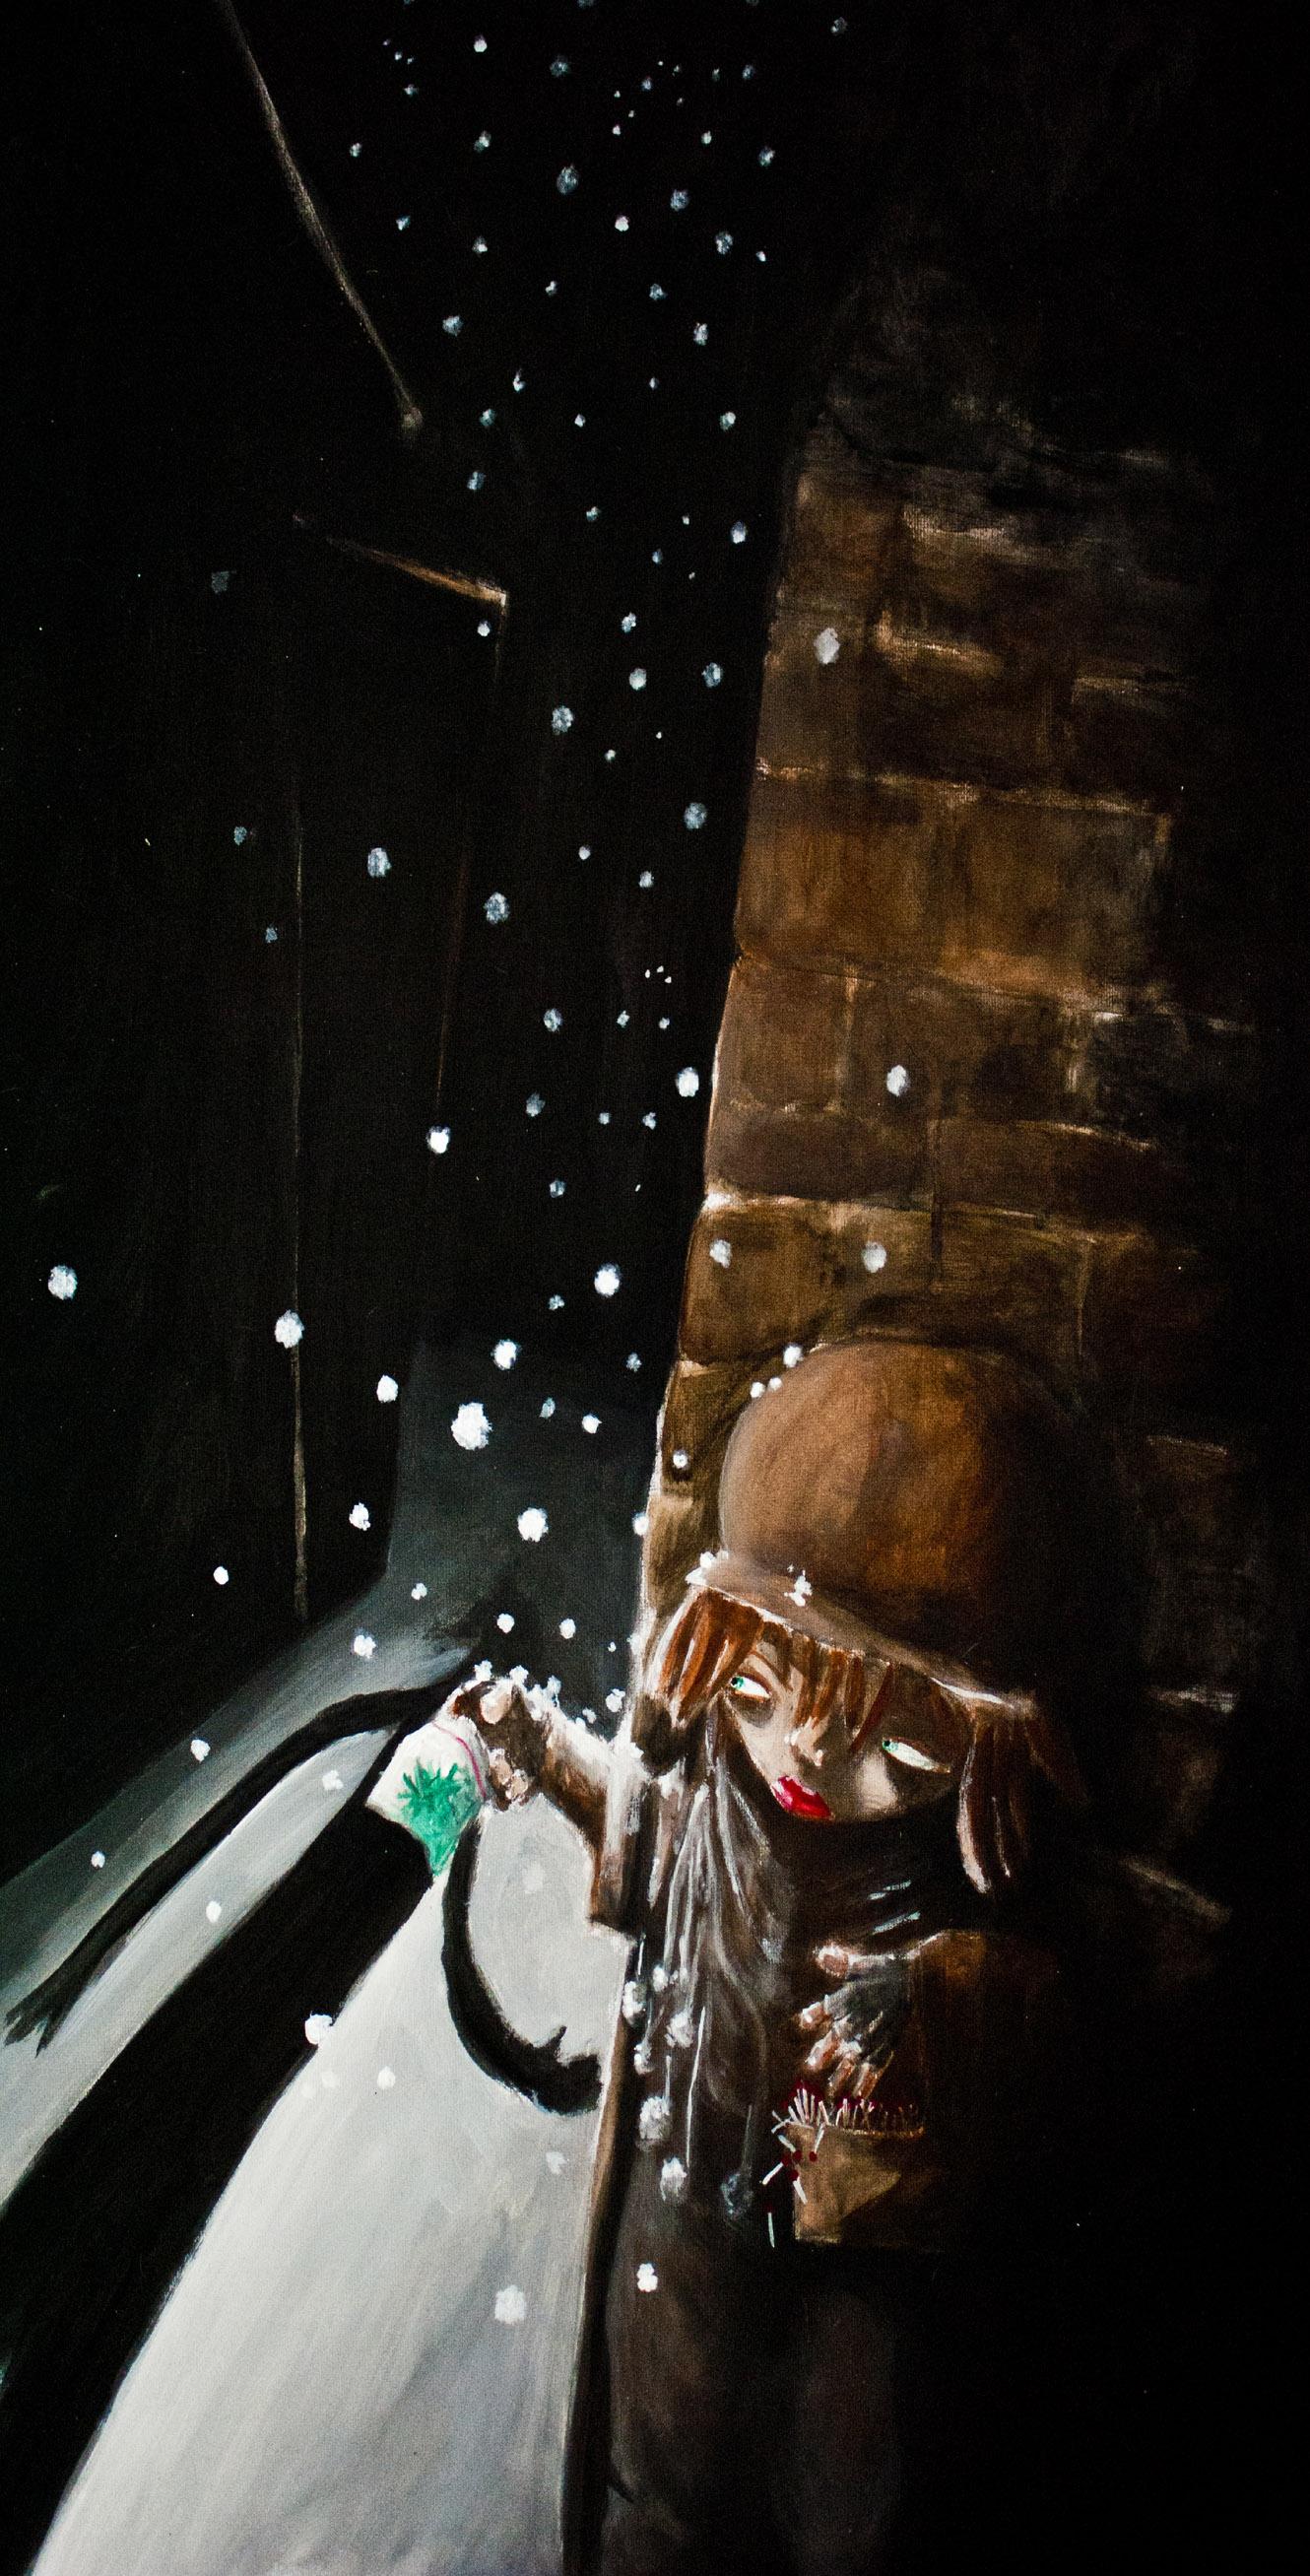 Fiammif stampa, MOSTRI Personale di Emiliano Billai a Cagliari dal 21 novembre al 11 gennaio 2014 Consorzio Camù c/o Centro Comunale d'Arte e Cultura Il Ghetto via Santa Croce 18 Cagliari